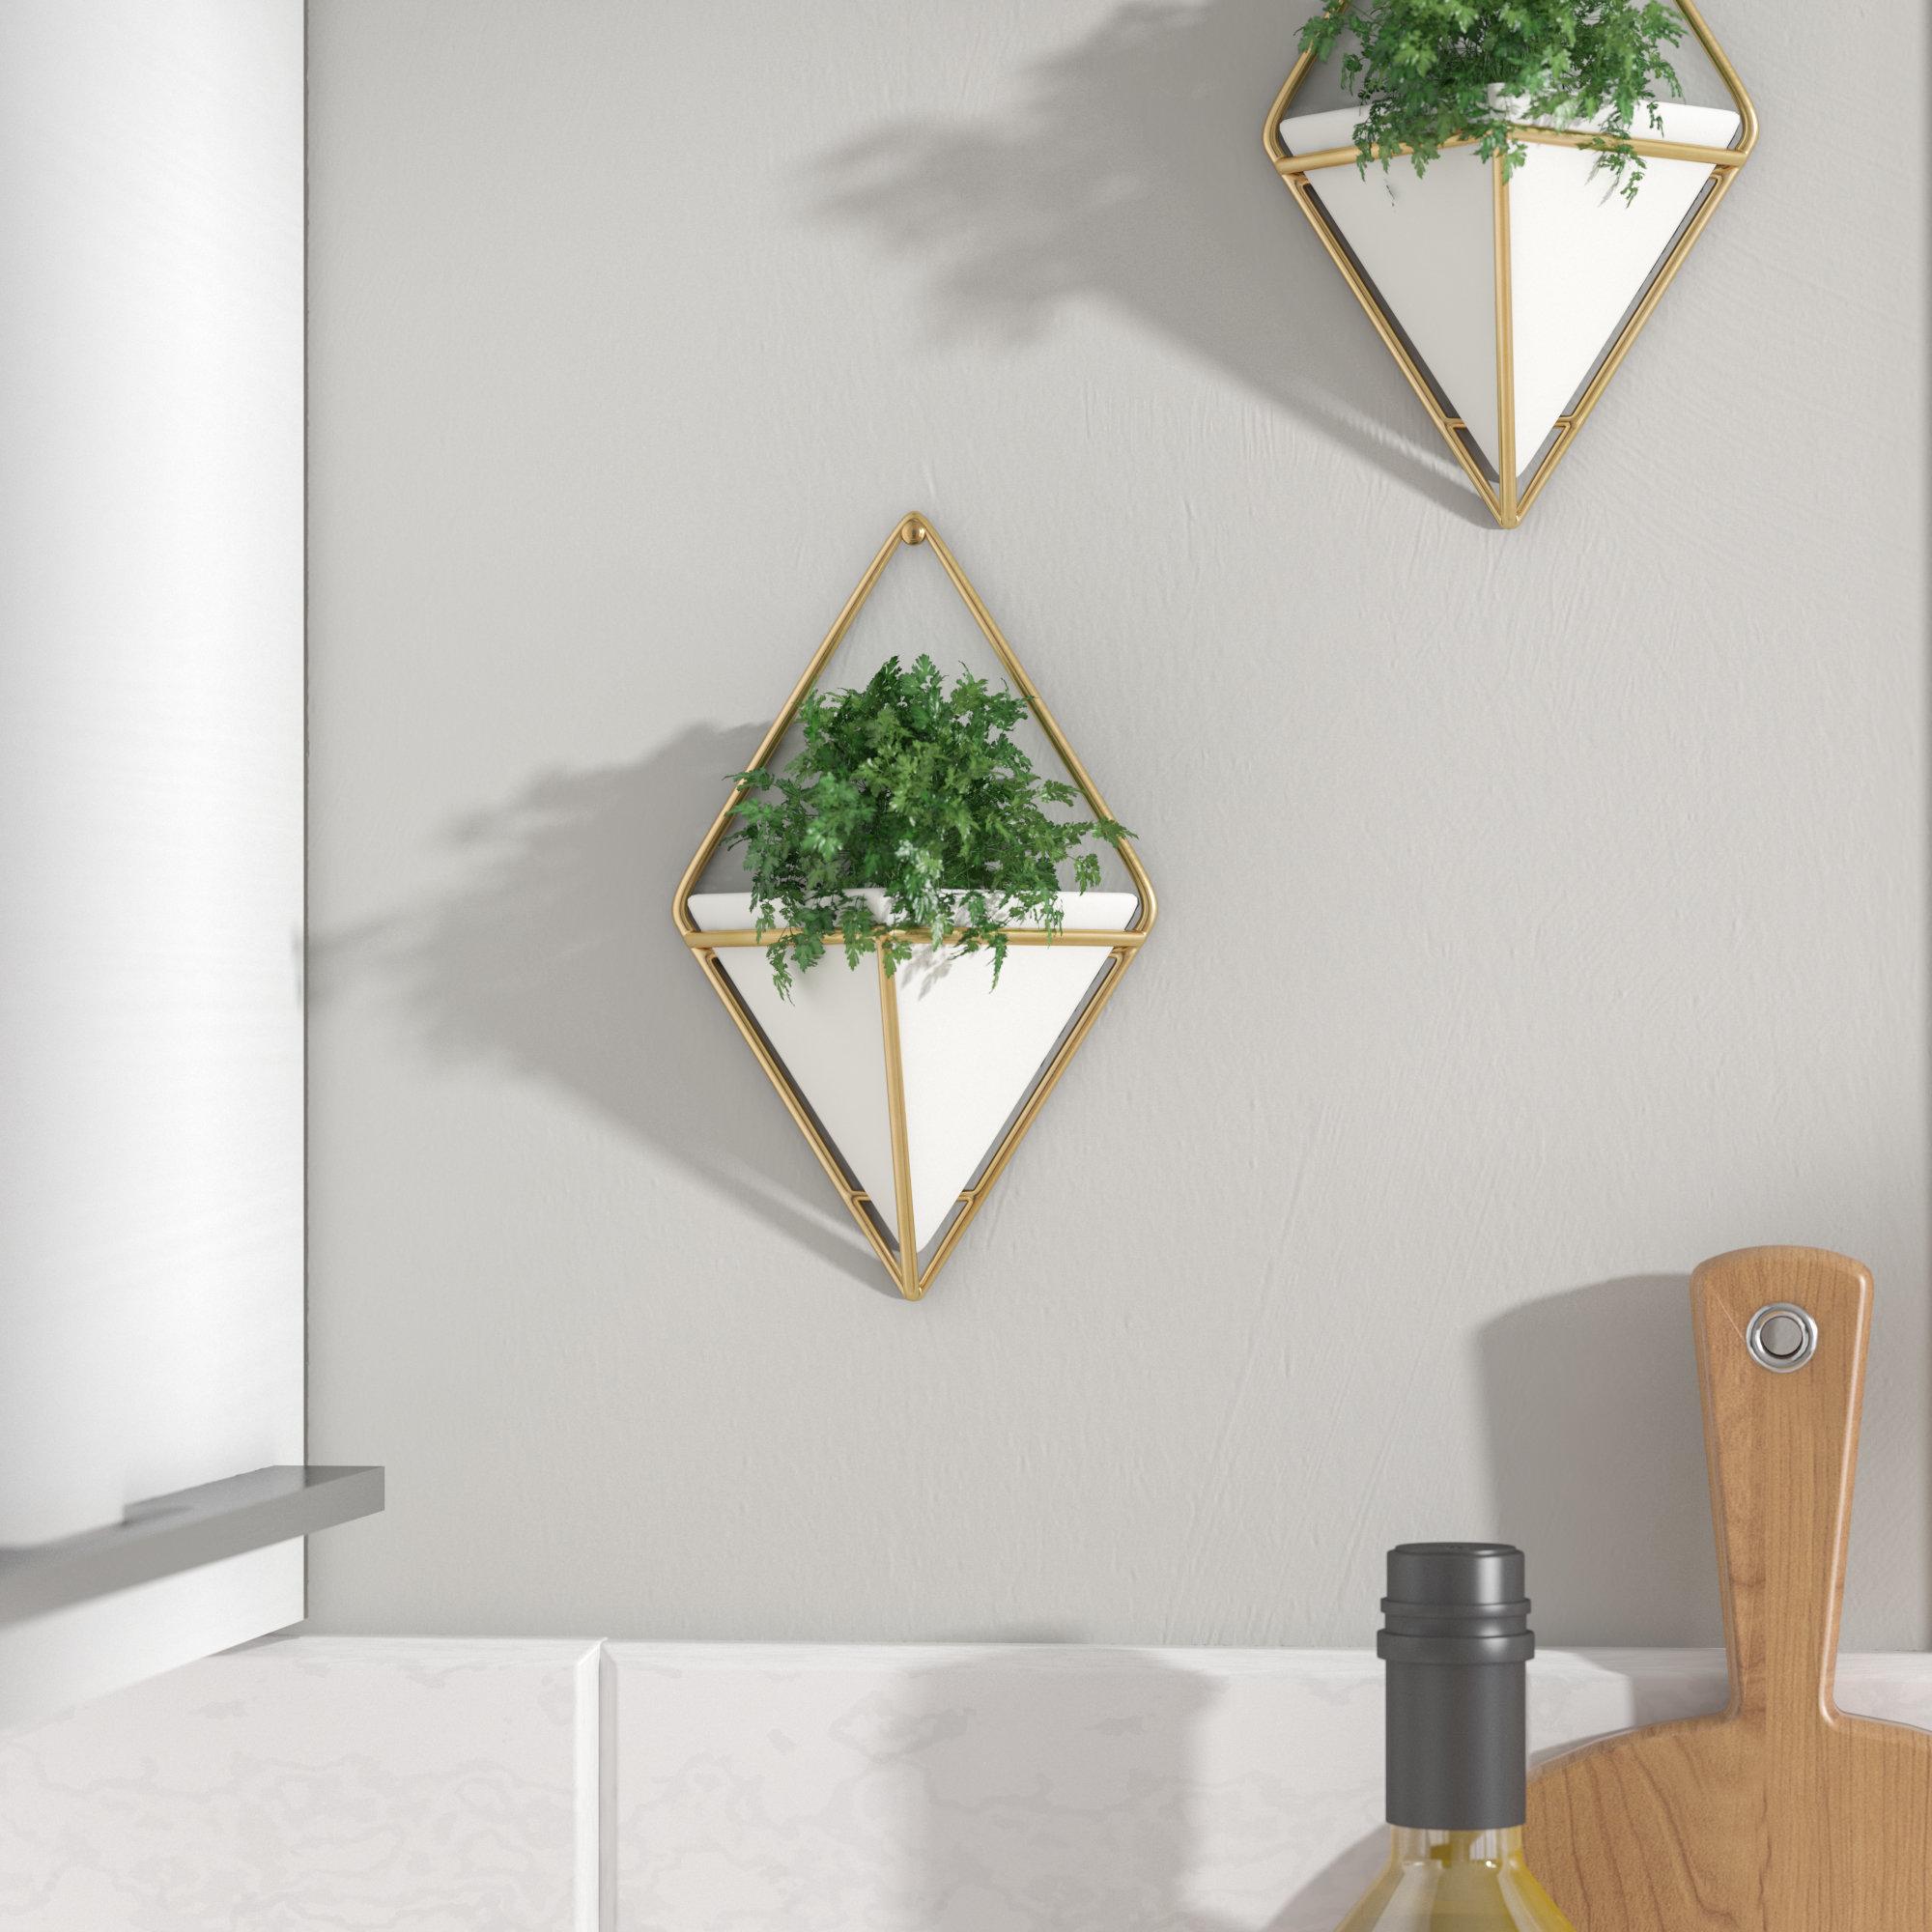 2 Piece Trigg Wall Décor Set With Trigg Ceramic Planter Wall Decor (Gallery 14 of 30)